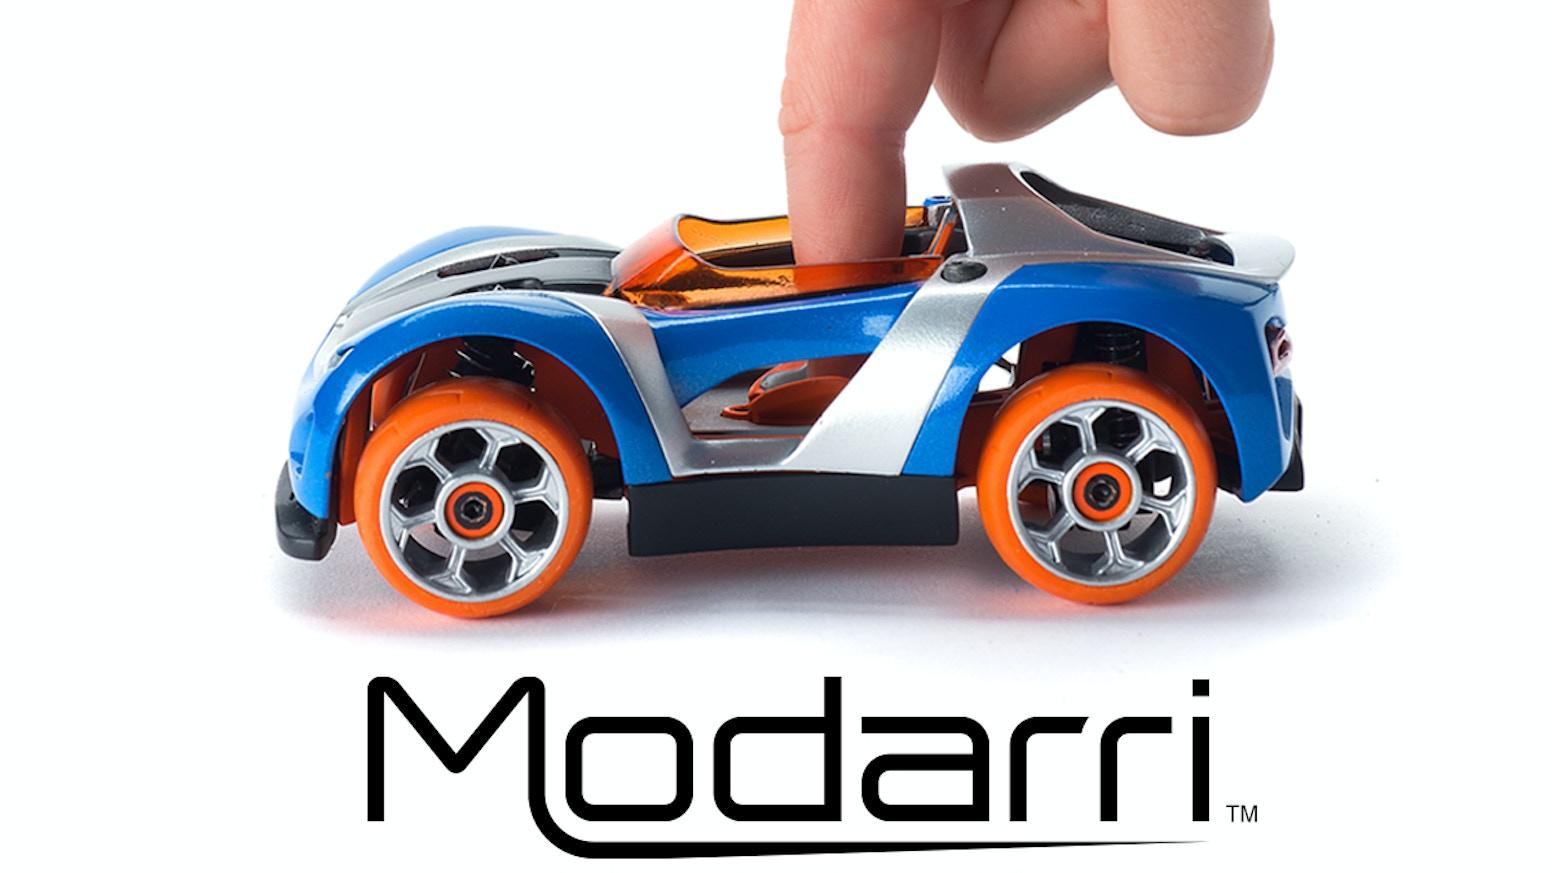 Modarri Cars Feel The Road By Thoughtfull Toys Kickstarter